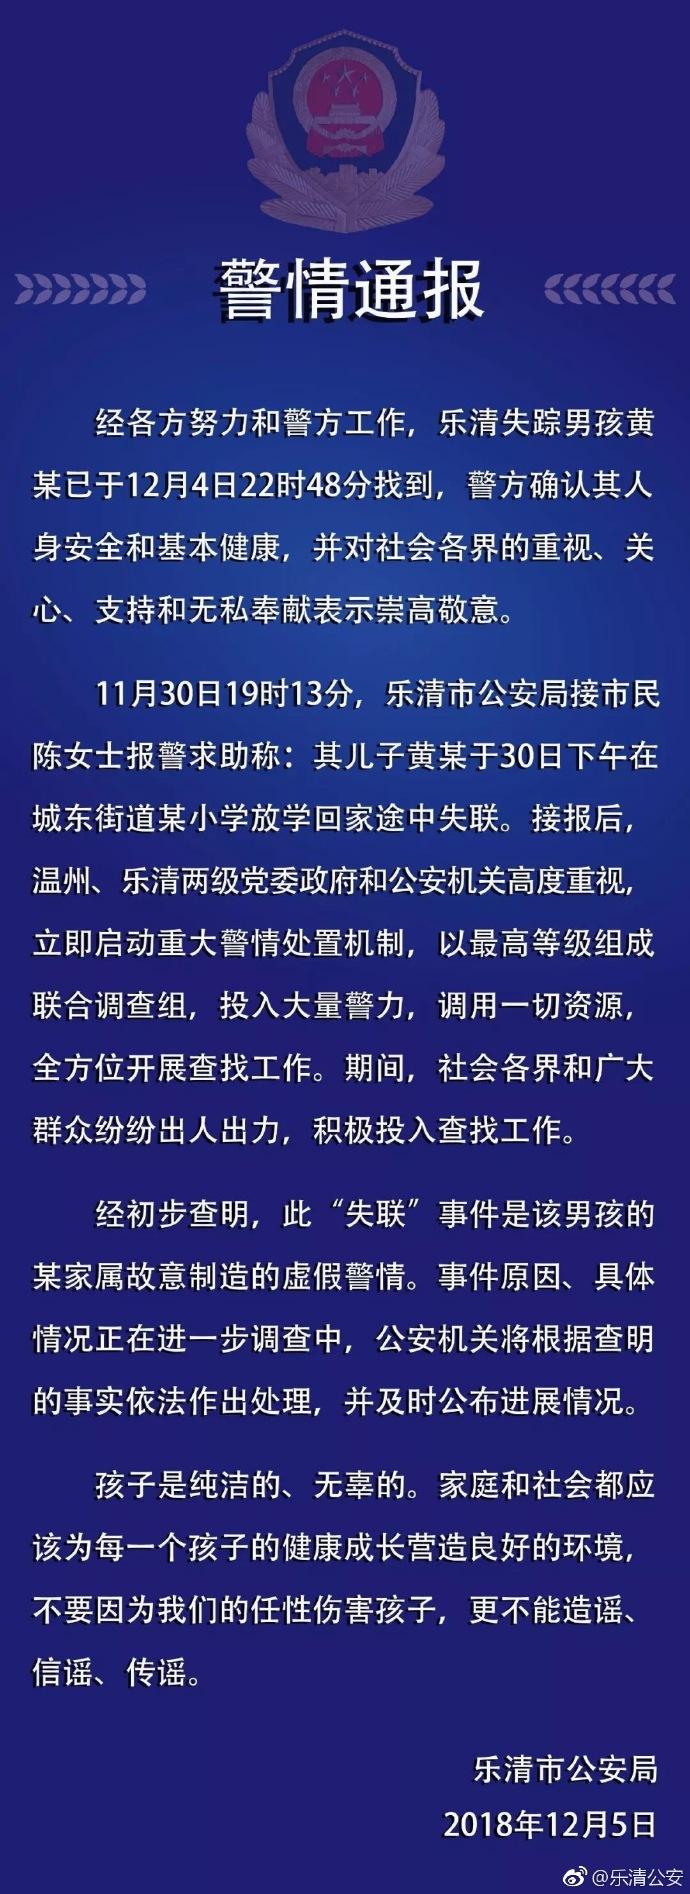 浙江乐清失踪男孩被找到 警方:男孩家属制造虚假警情